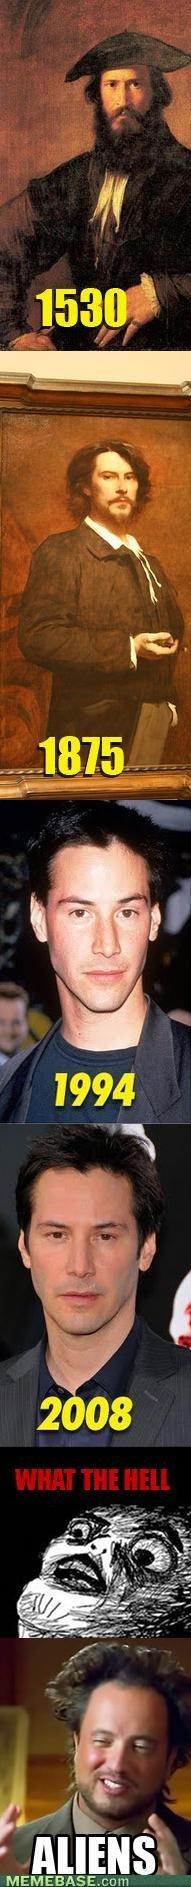 Keanu Reeves never age